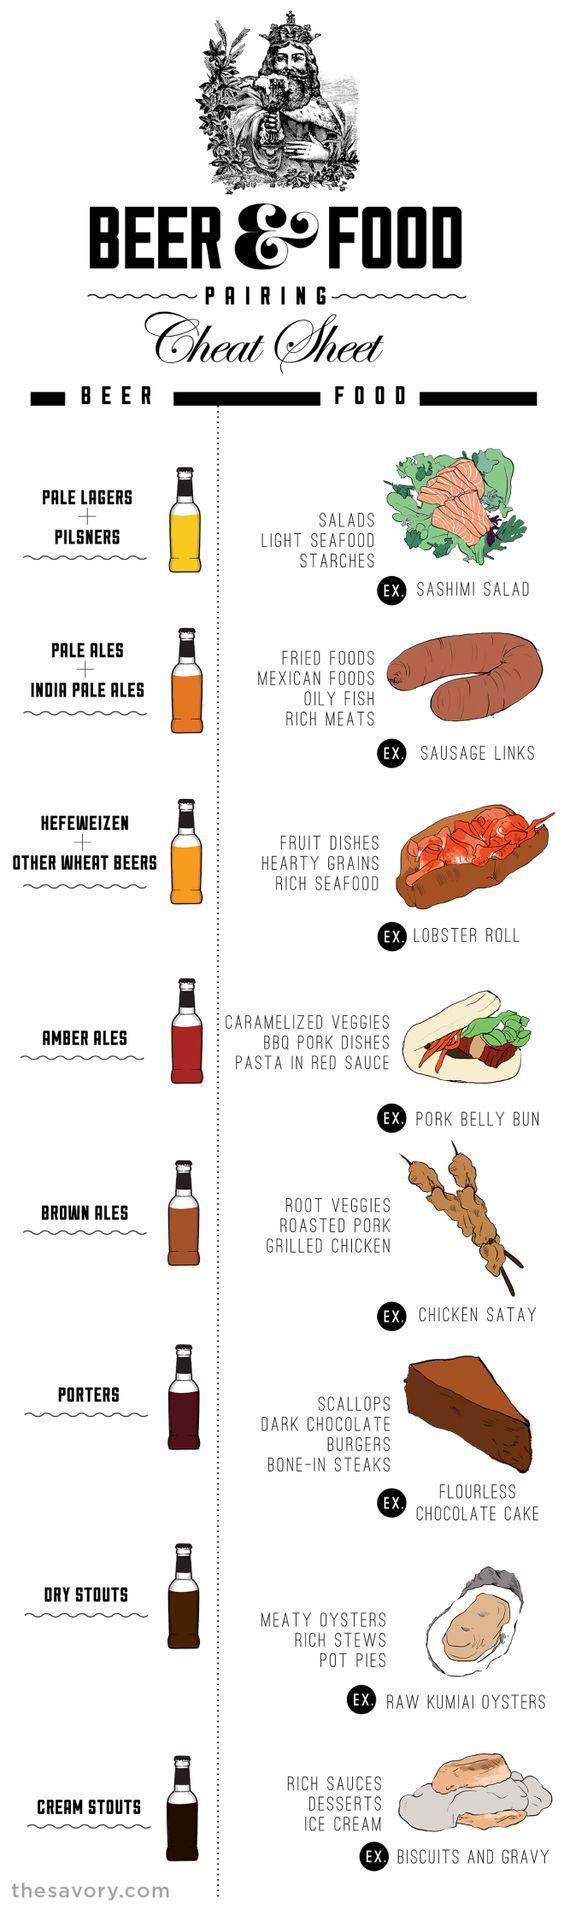 Harmonizando cervejas e comidas: